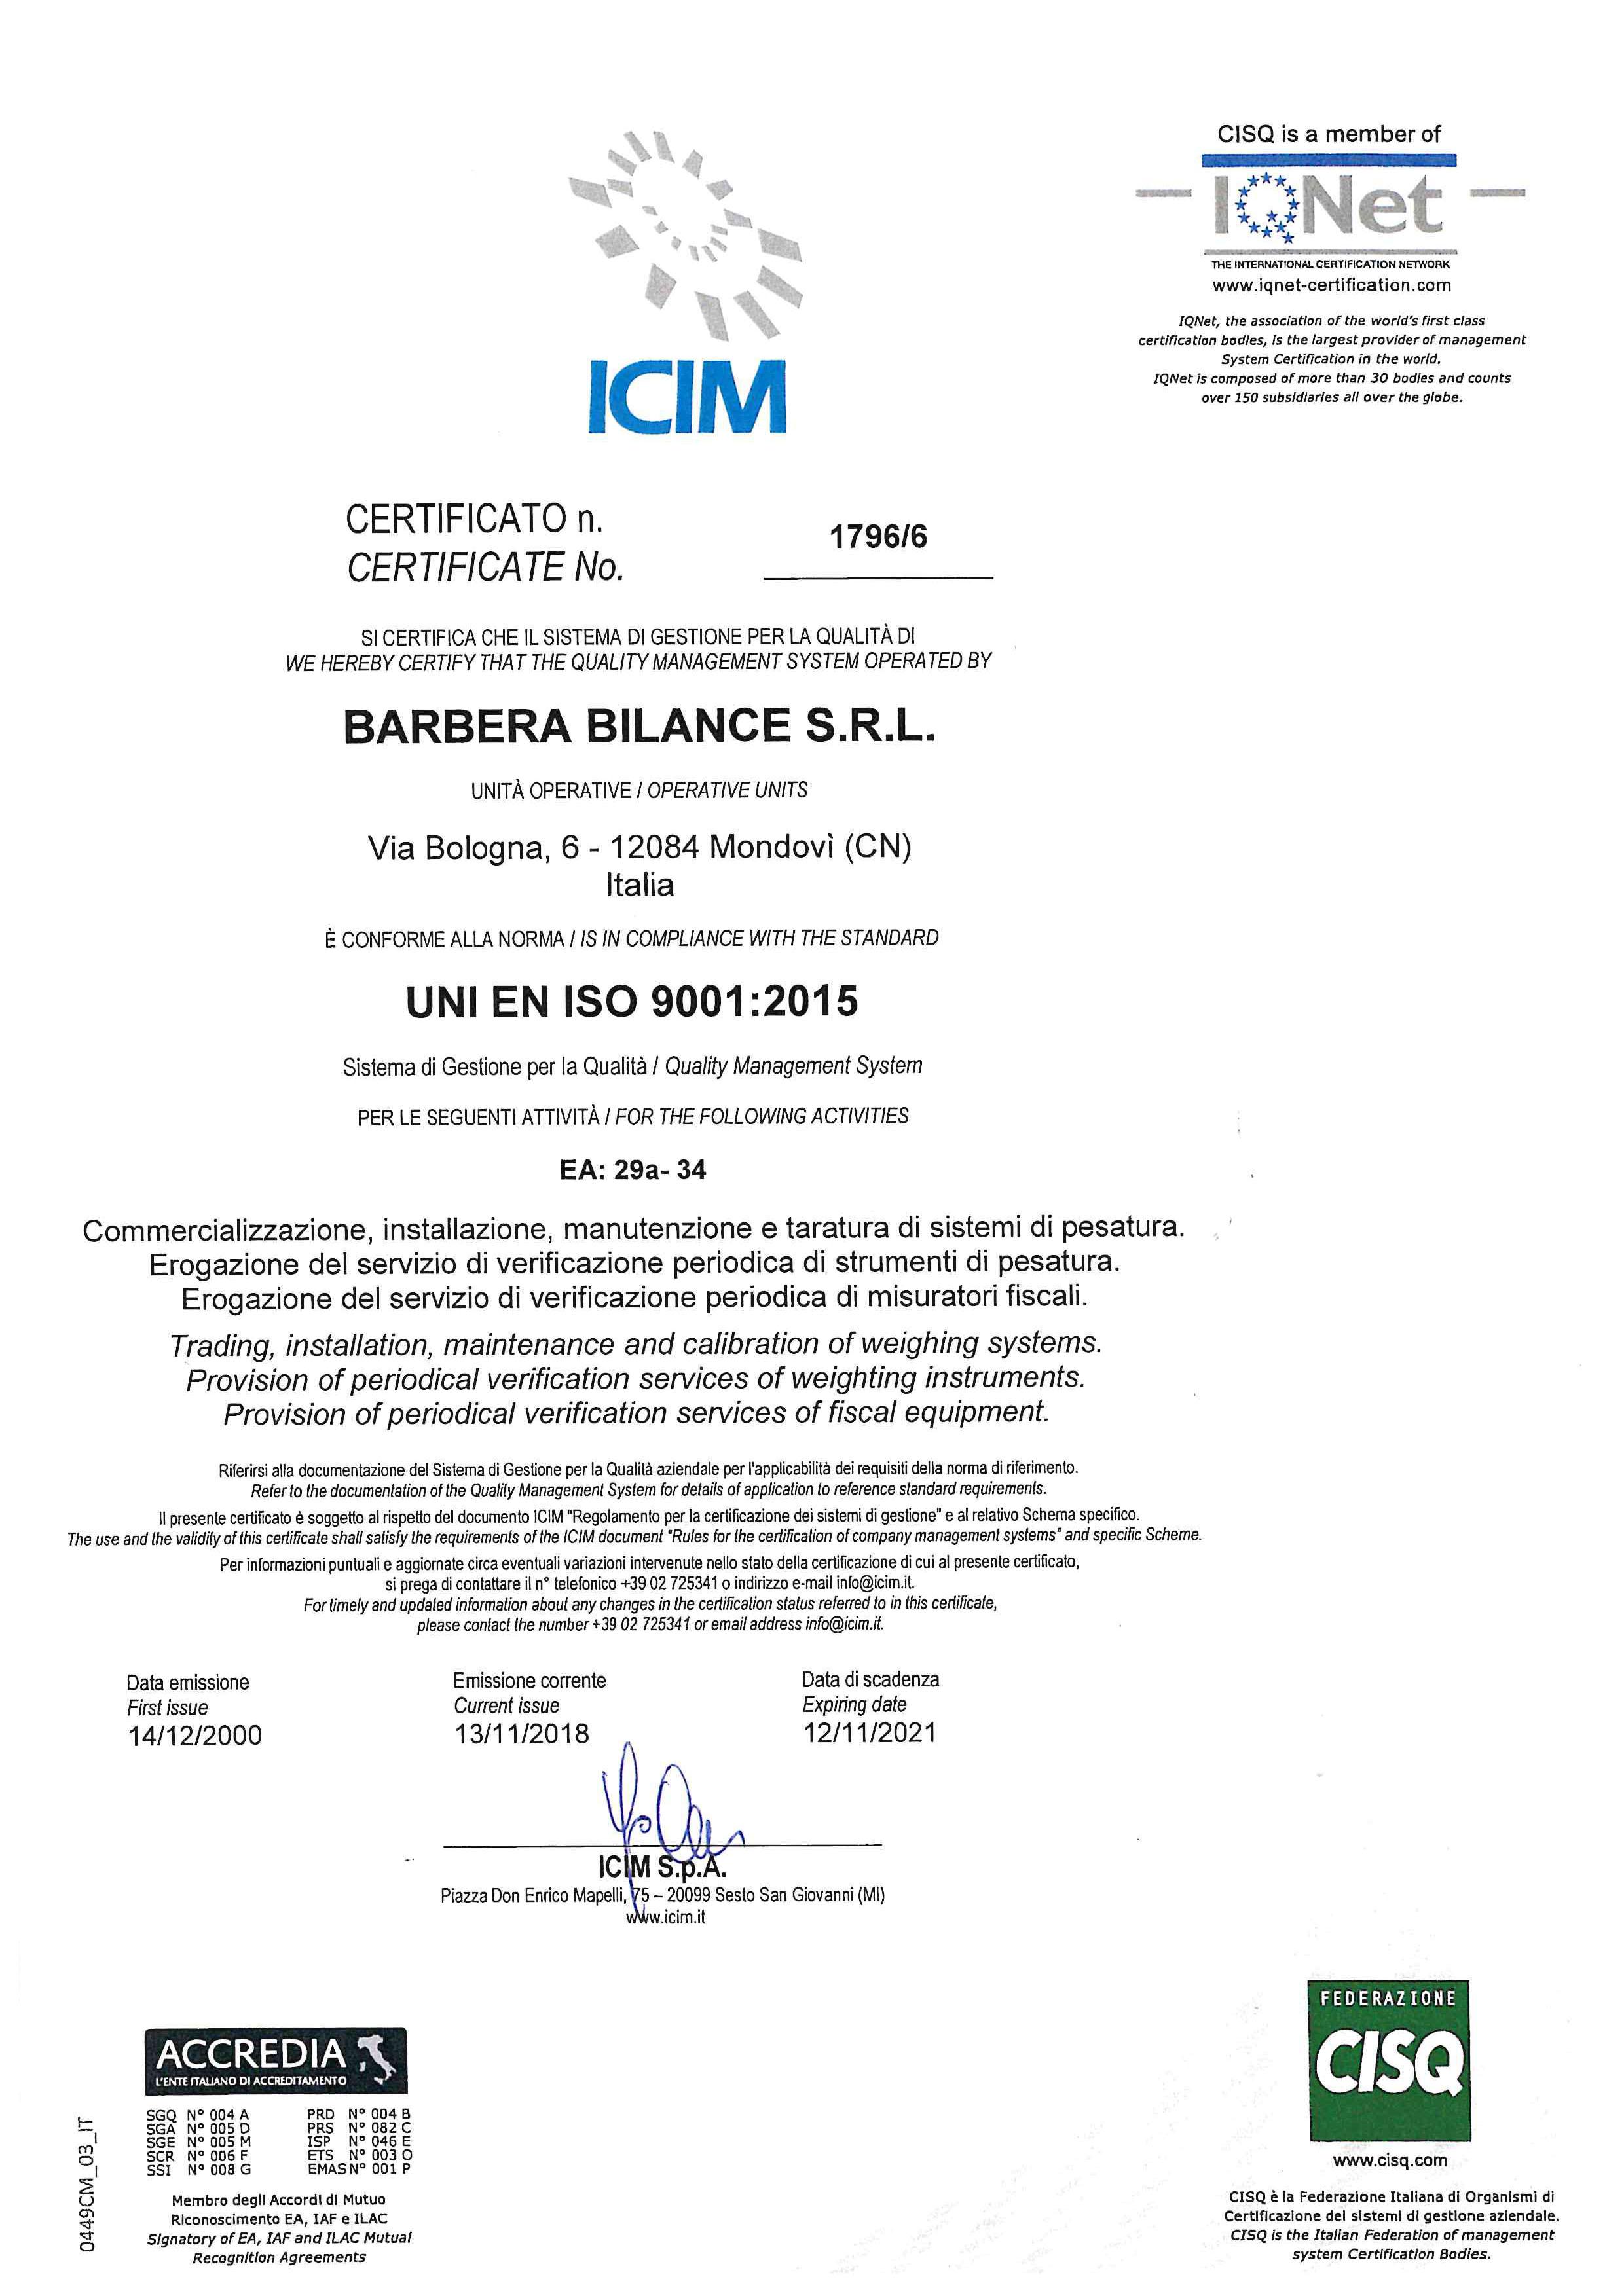 Barbera Bilance è un'azienda certificata ISO 9001:2015